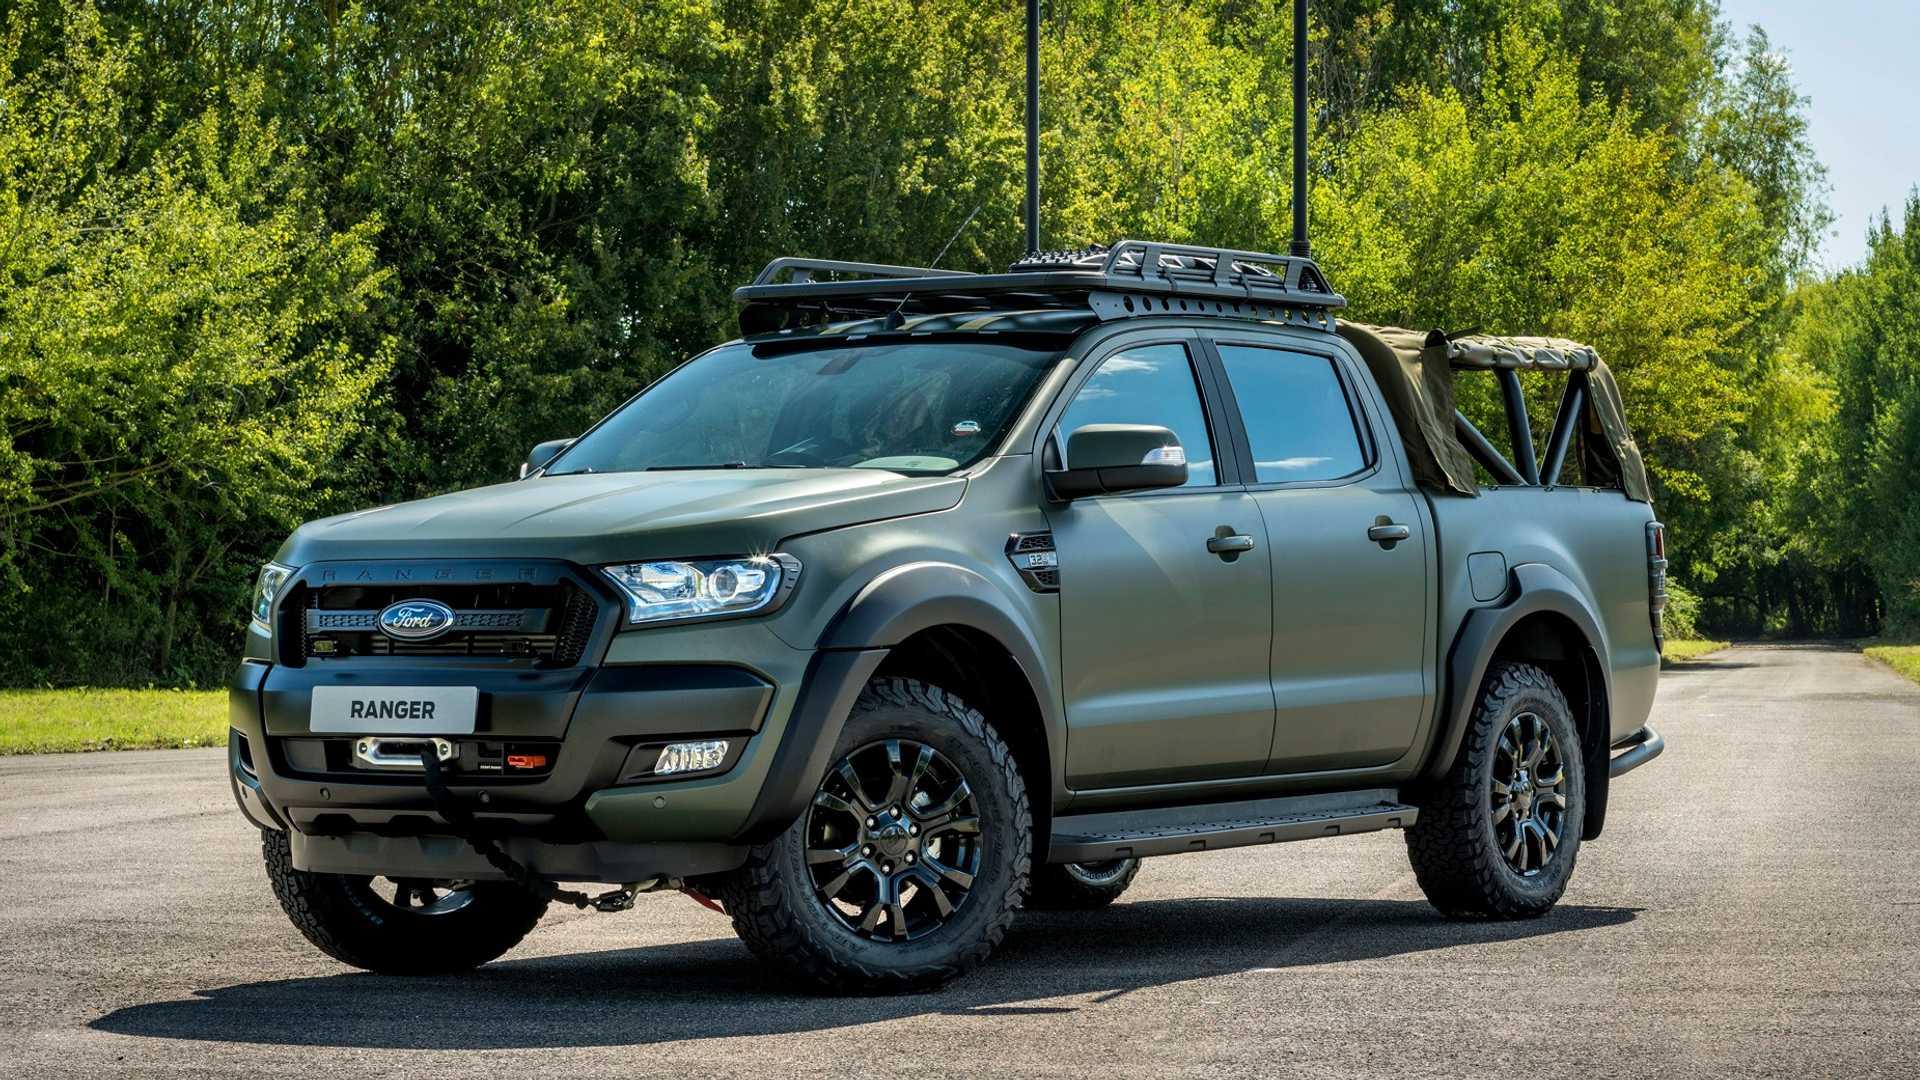 ricardo-ford-ranger-4